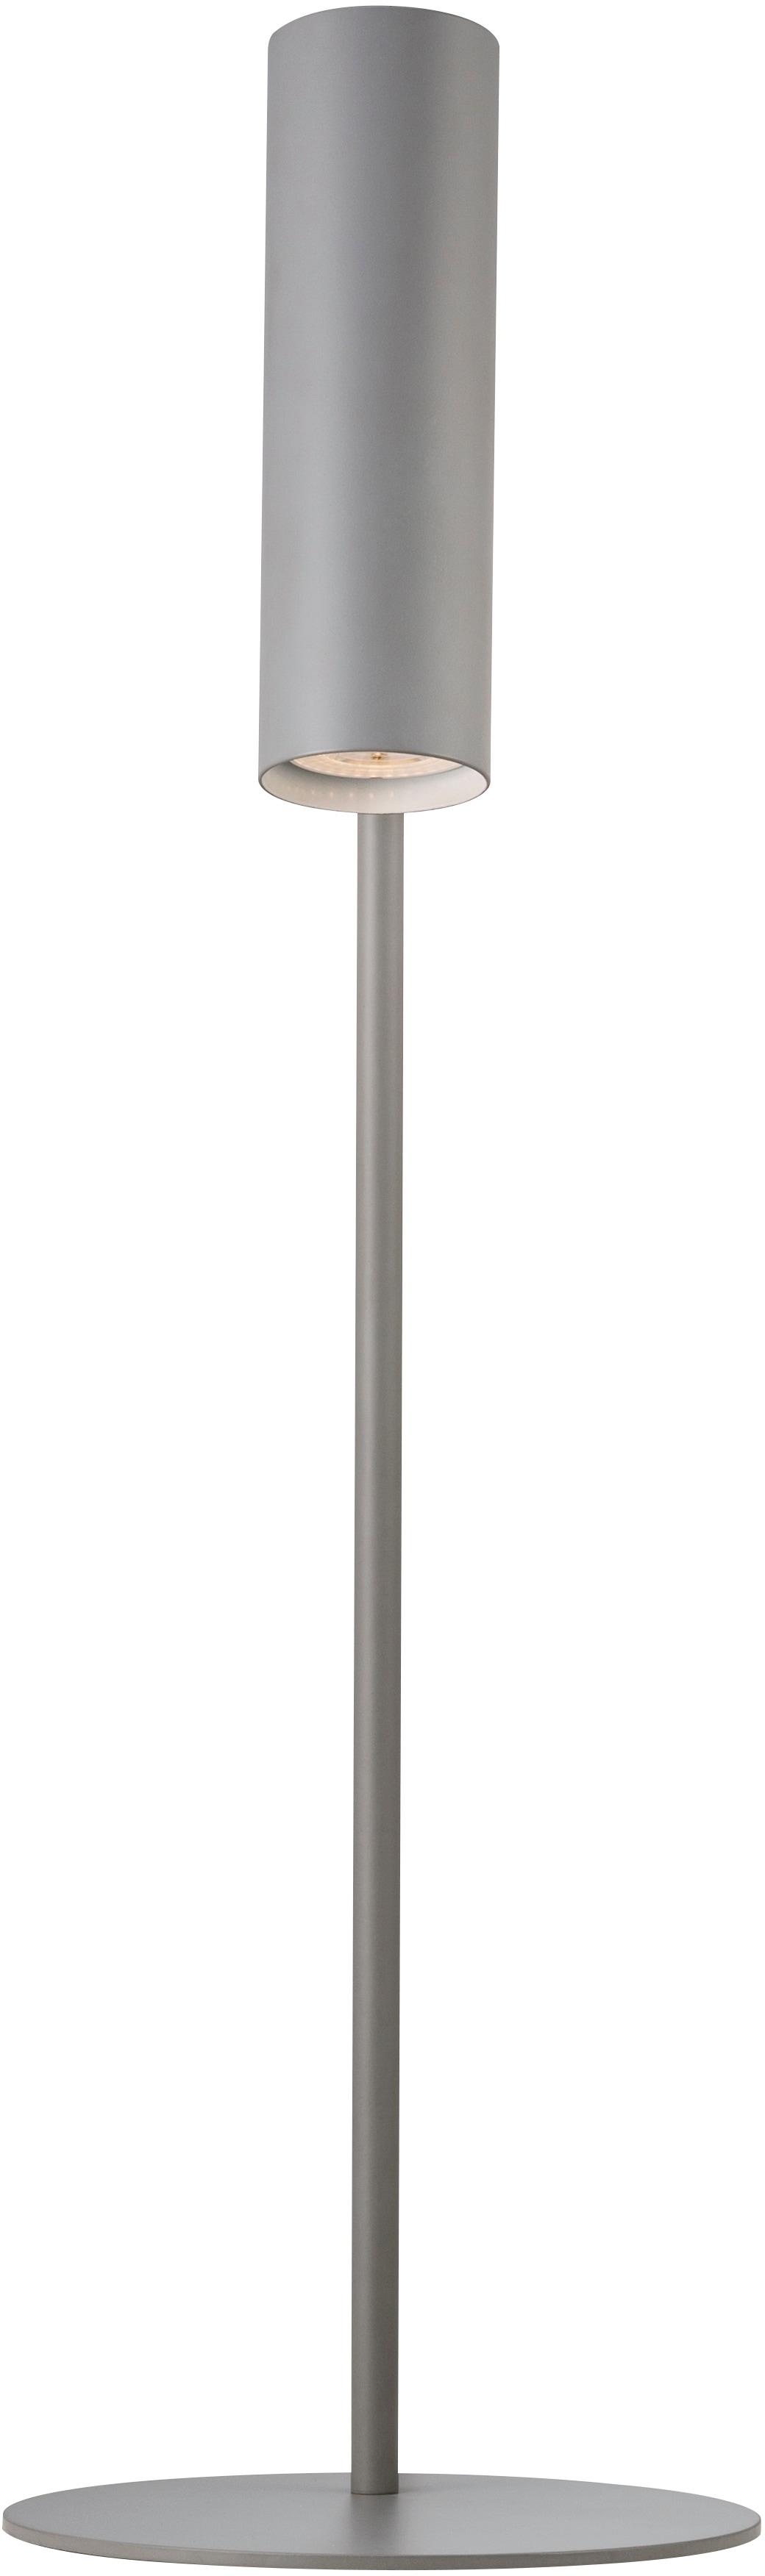 design for the people Tischleuchte MIB 6, GU10